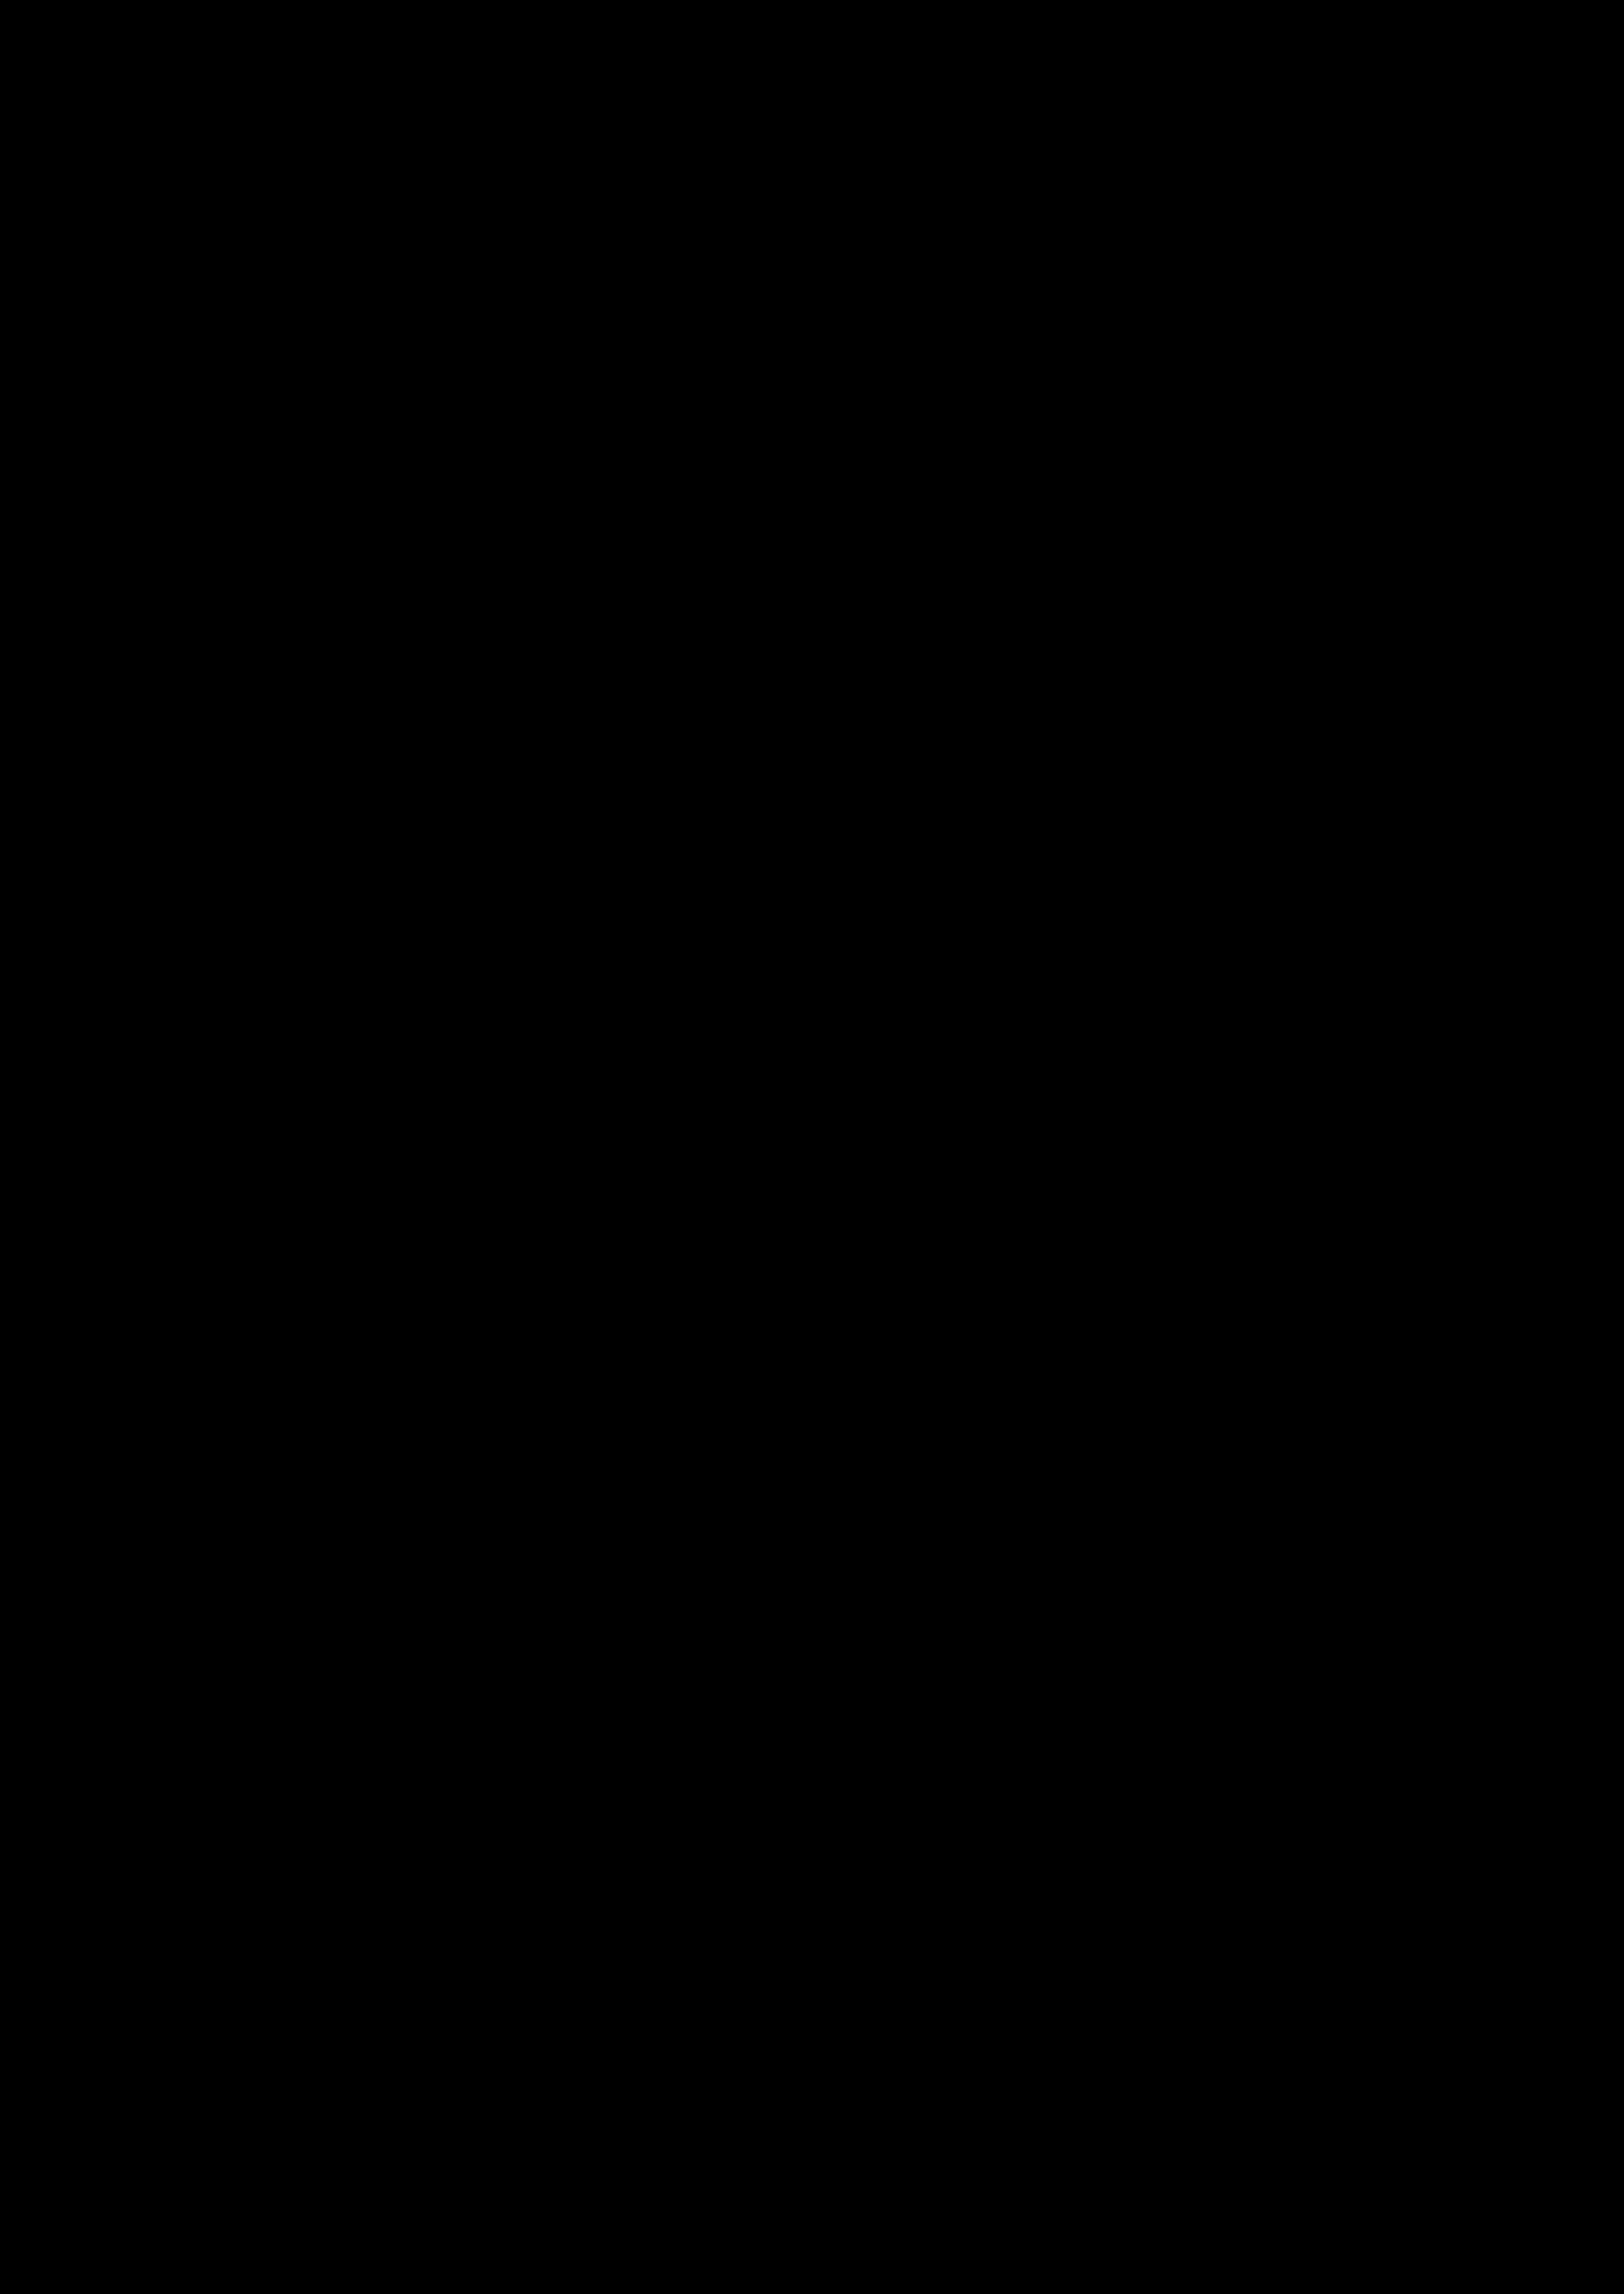 '눈빛 키스' 메인 포스터